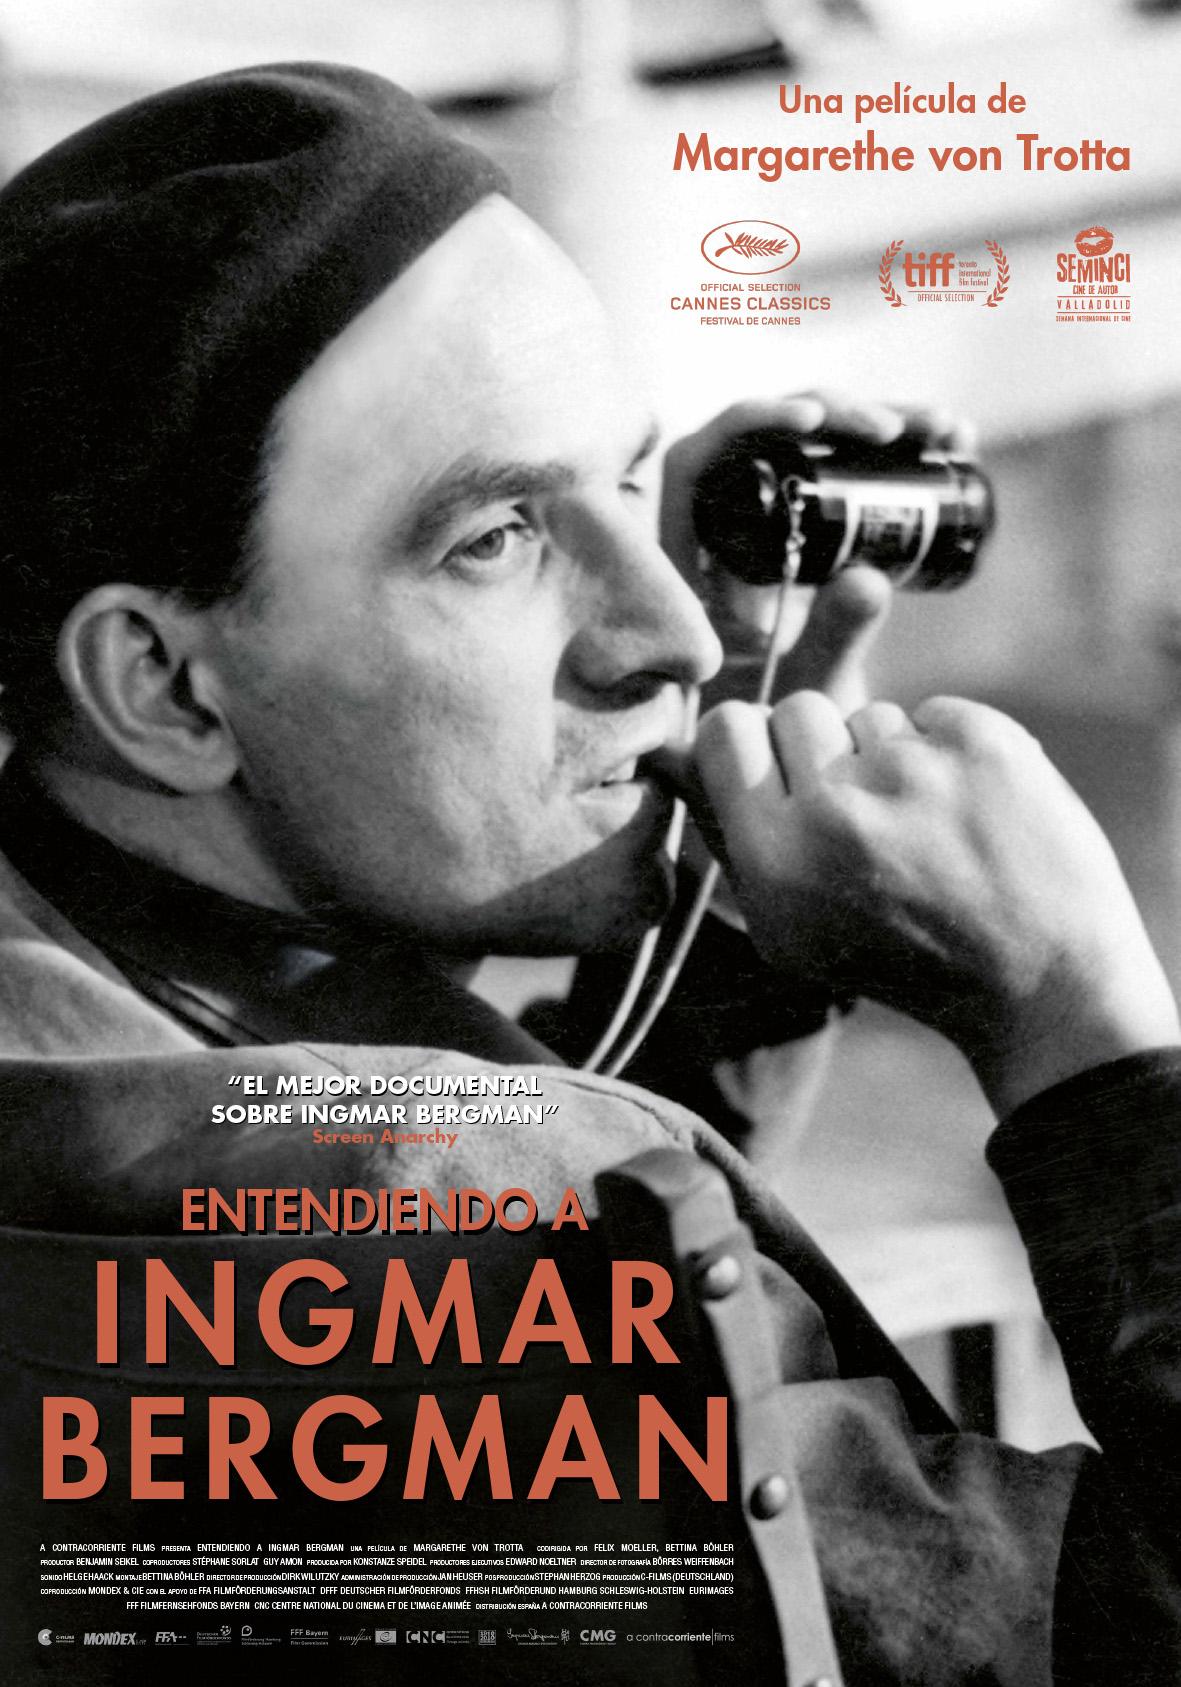 Entendiendo a Ingmar Bergman llega mañana a los cines